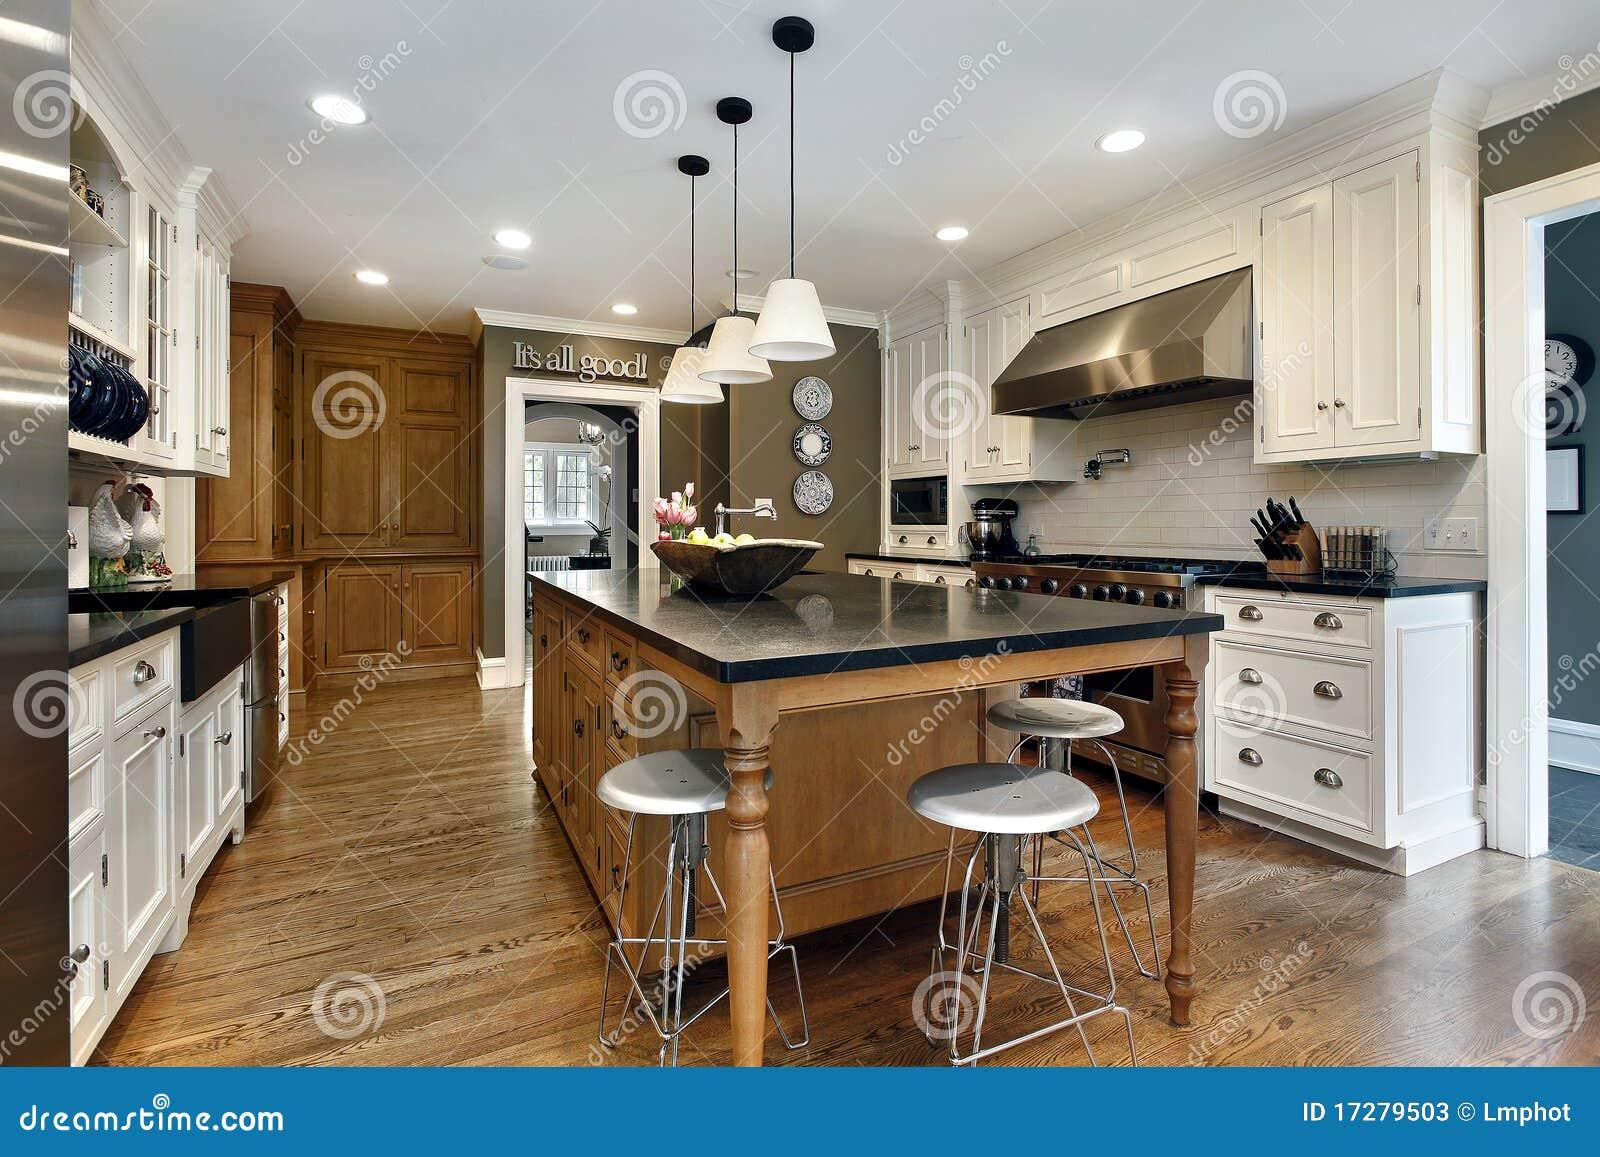 Moderne Küche Mit Mittelinsel Stockbild - Bild von luxus, mahlzeit ...